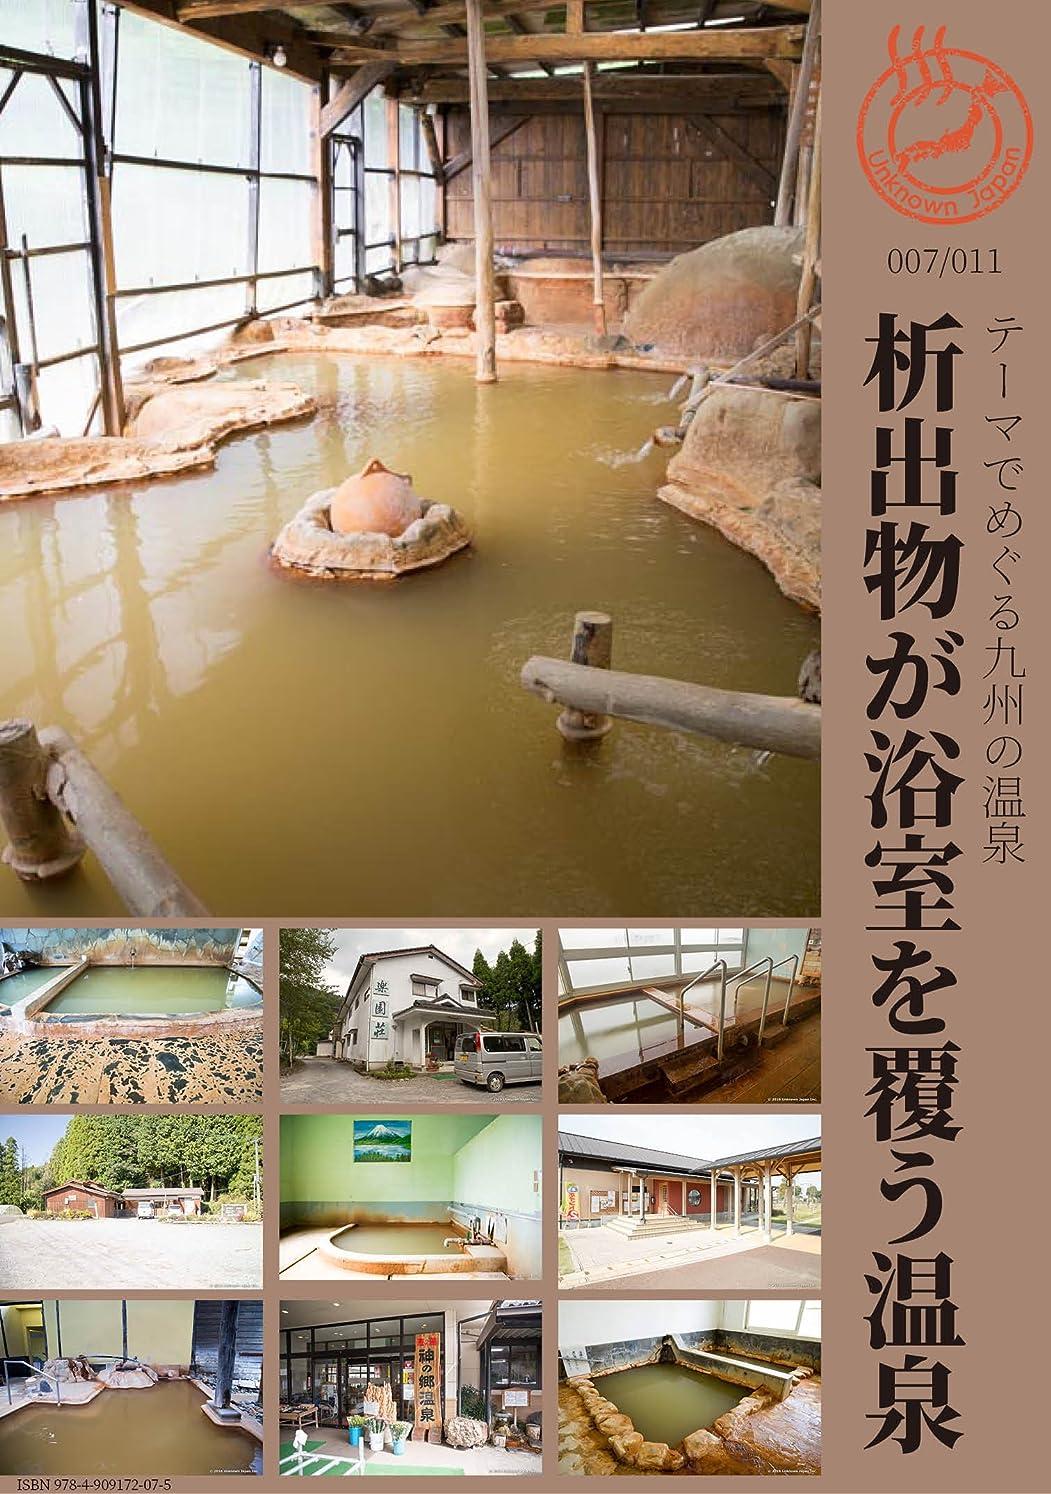 ウルル評判こねるテーマでめぐる九州の温泉 007_析出物が浴室を覆う温泉